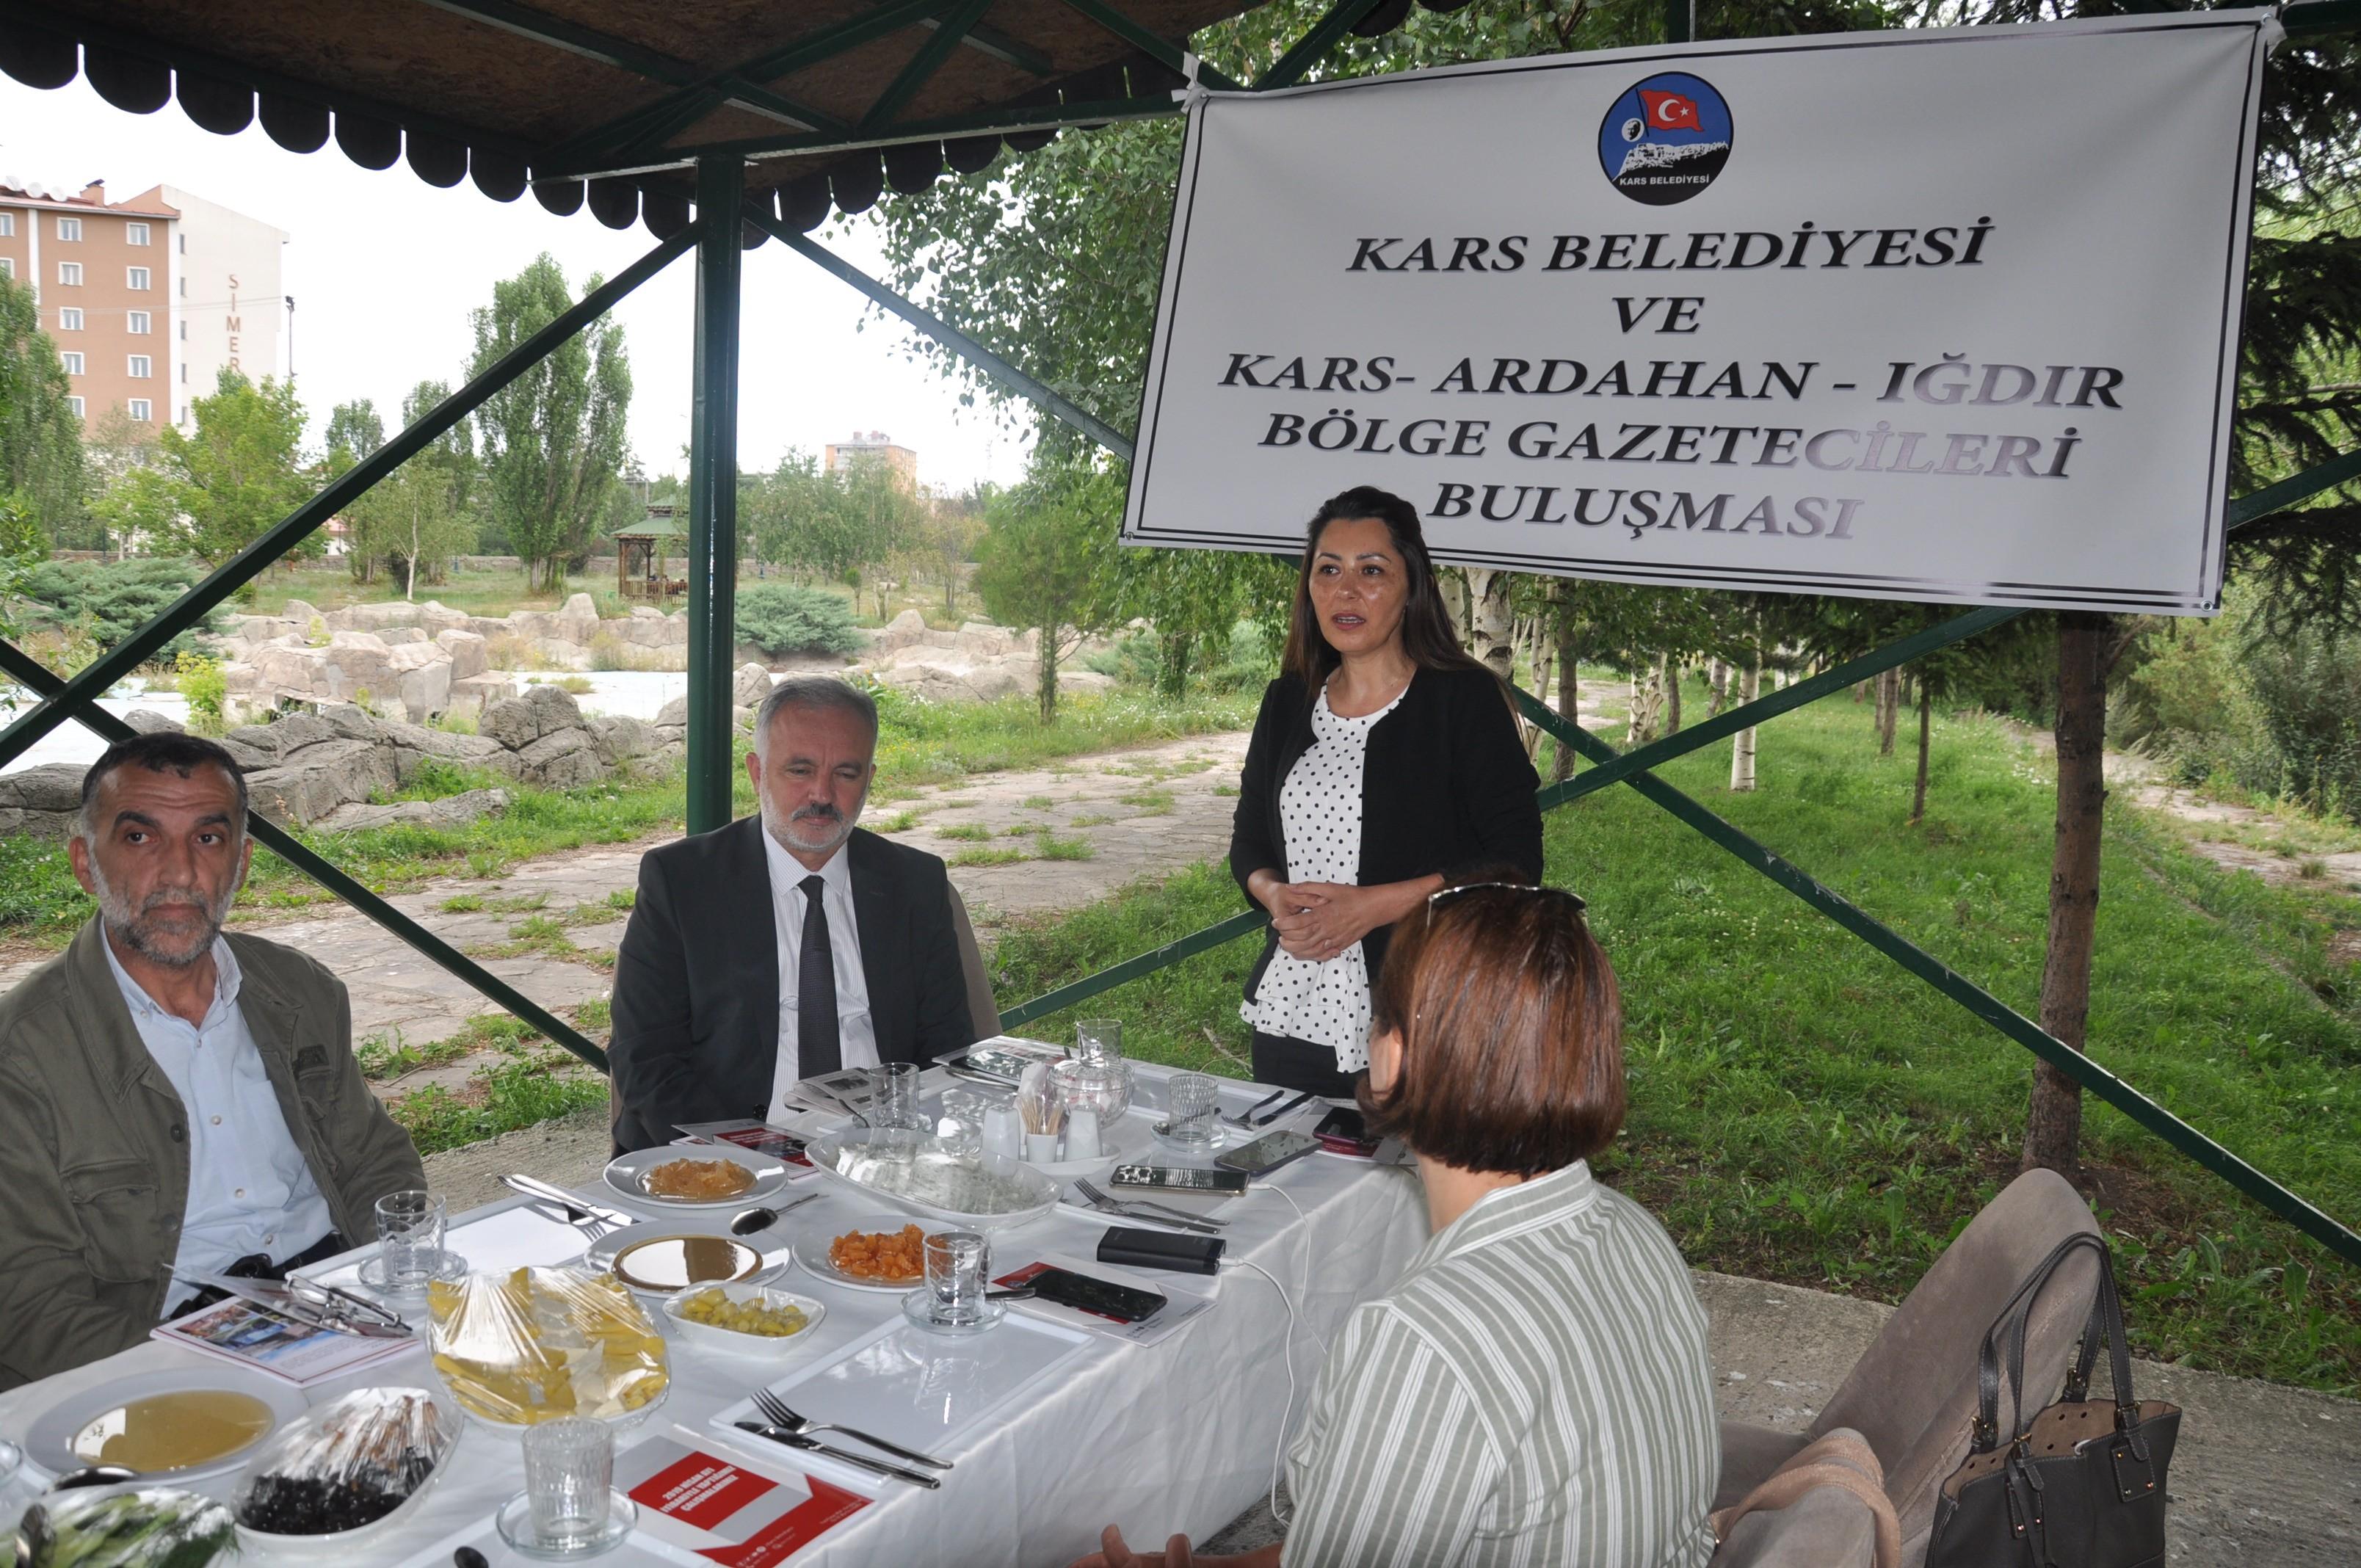 kars-belediyesi-bolge-basiniyla-bulustu-(3).jpg